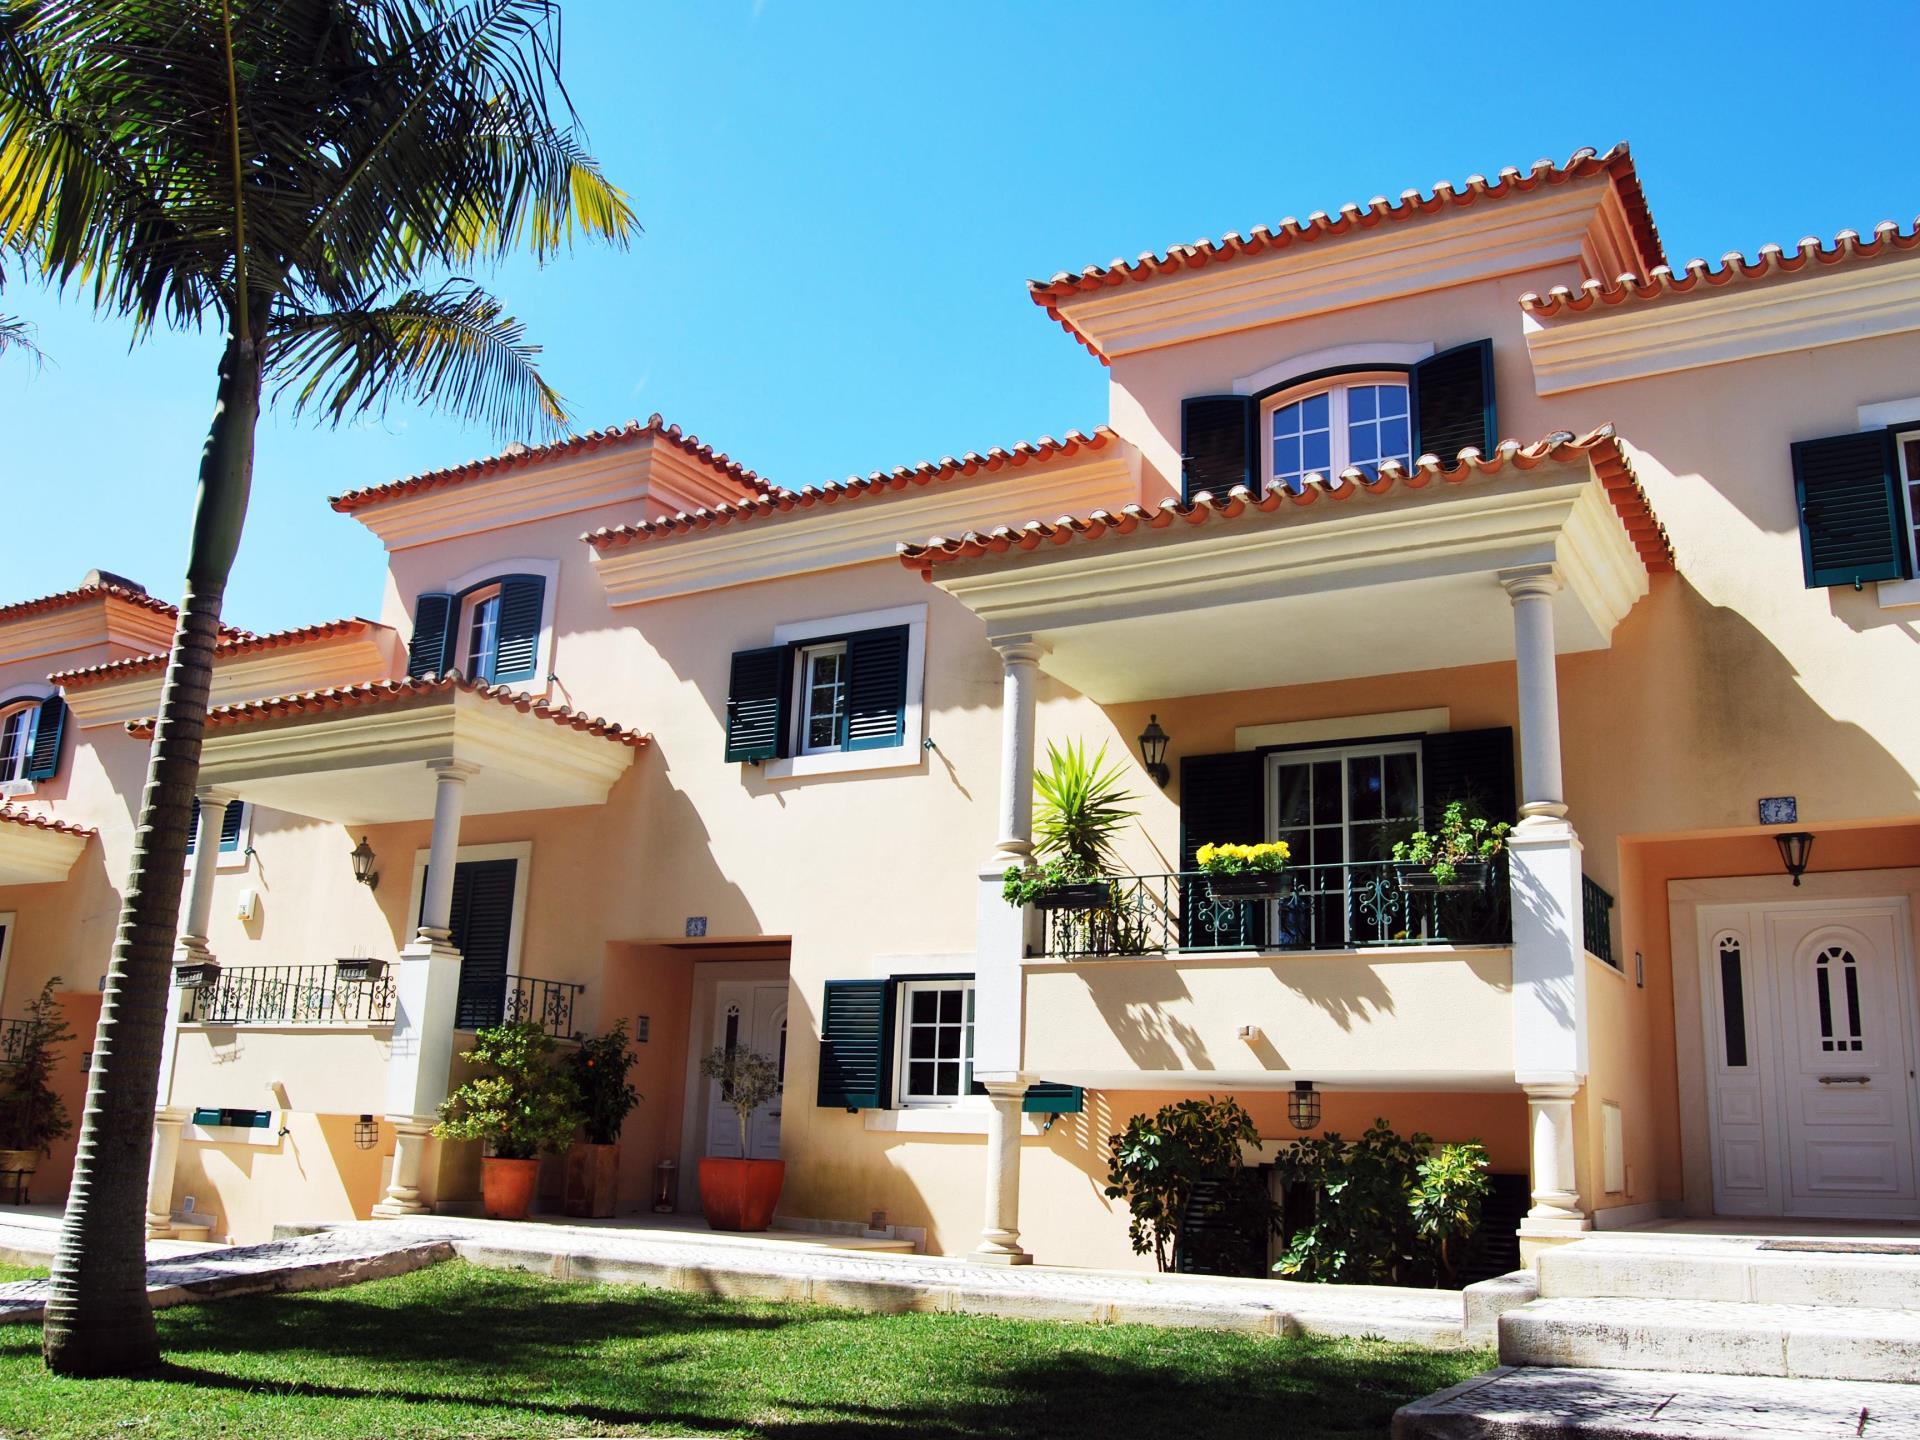 단독 가정 주택 용 매매 에 House, 6 bedrooms, for Sale Birre, Cascais, 리스보아 포르투갈